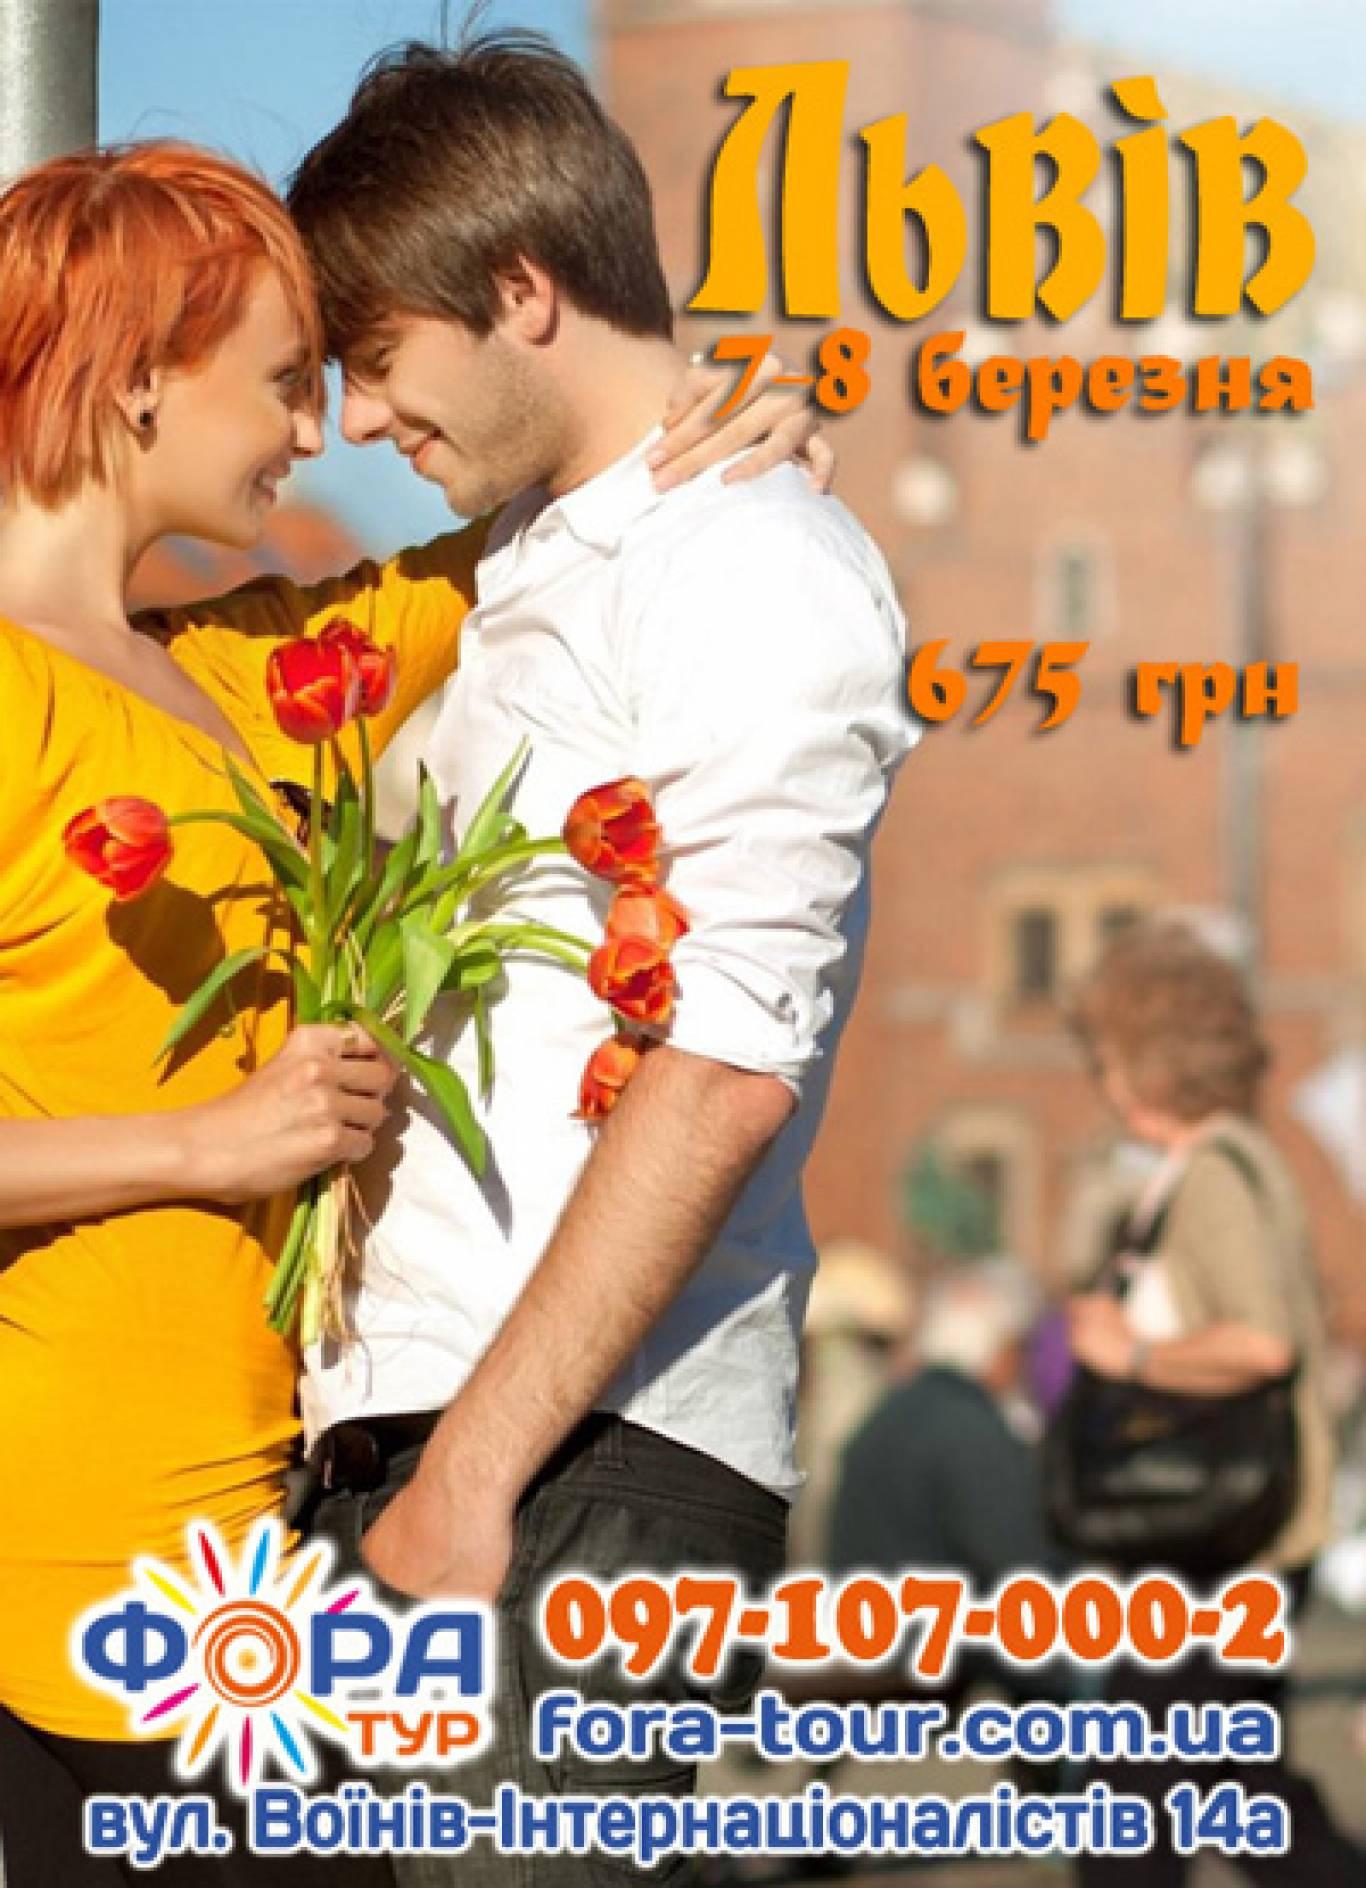 Поездка во Львов на 8 марта+ праздник шоколада